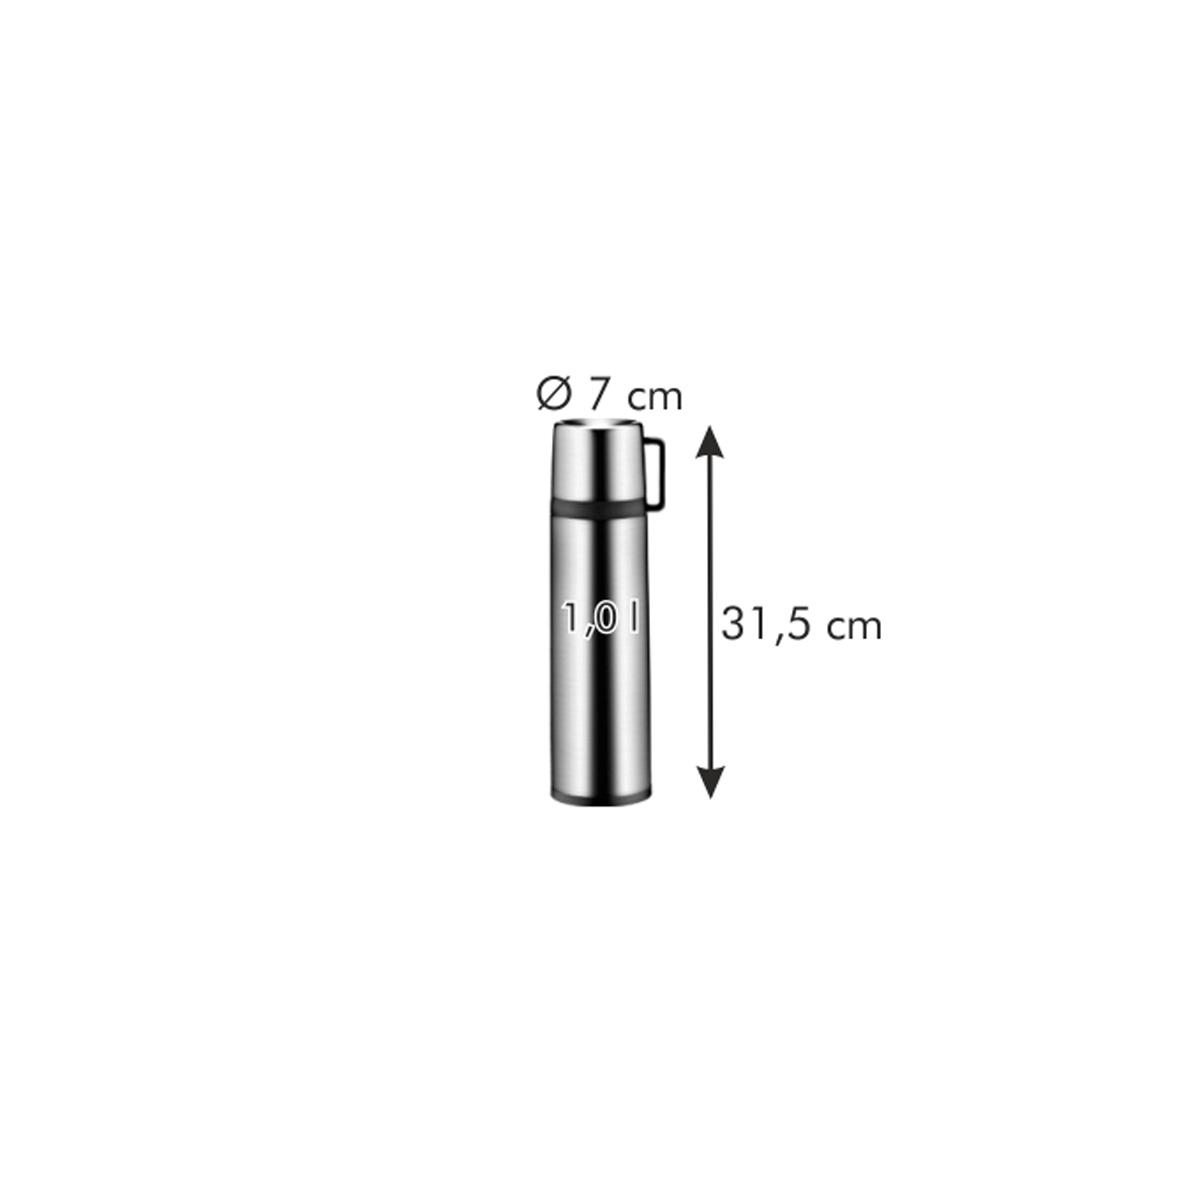 Termoska s hrníčkem CONSTANT 1,0 l, nerez